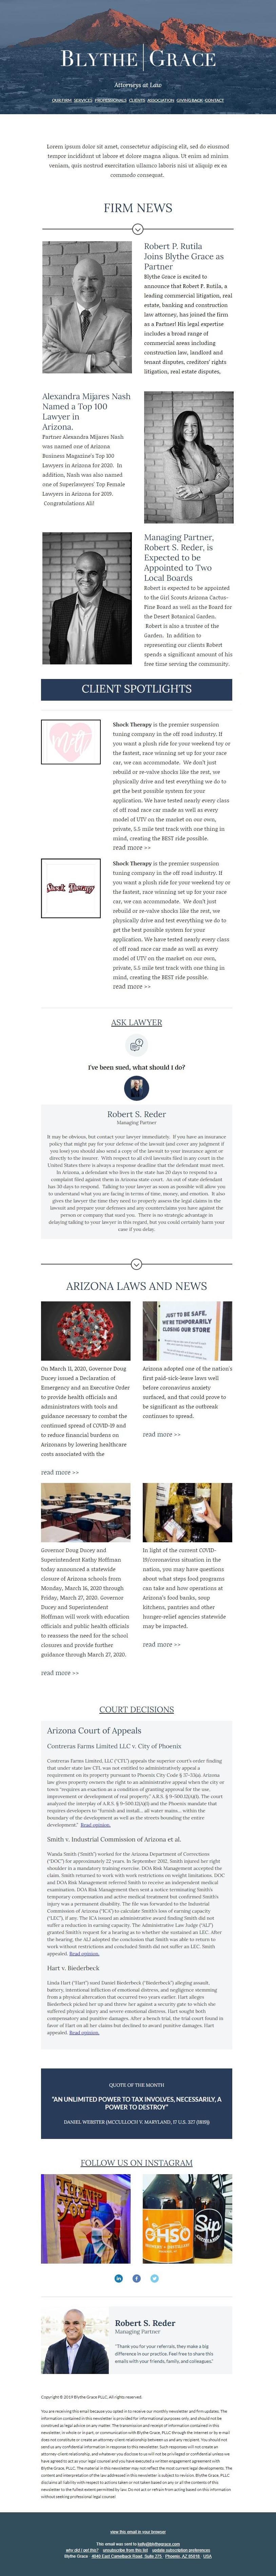 dynamic-newsletter